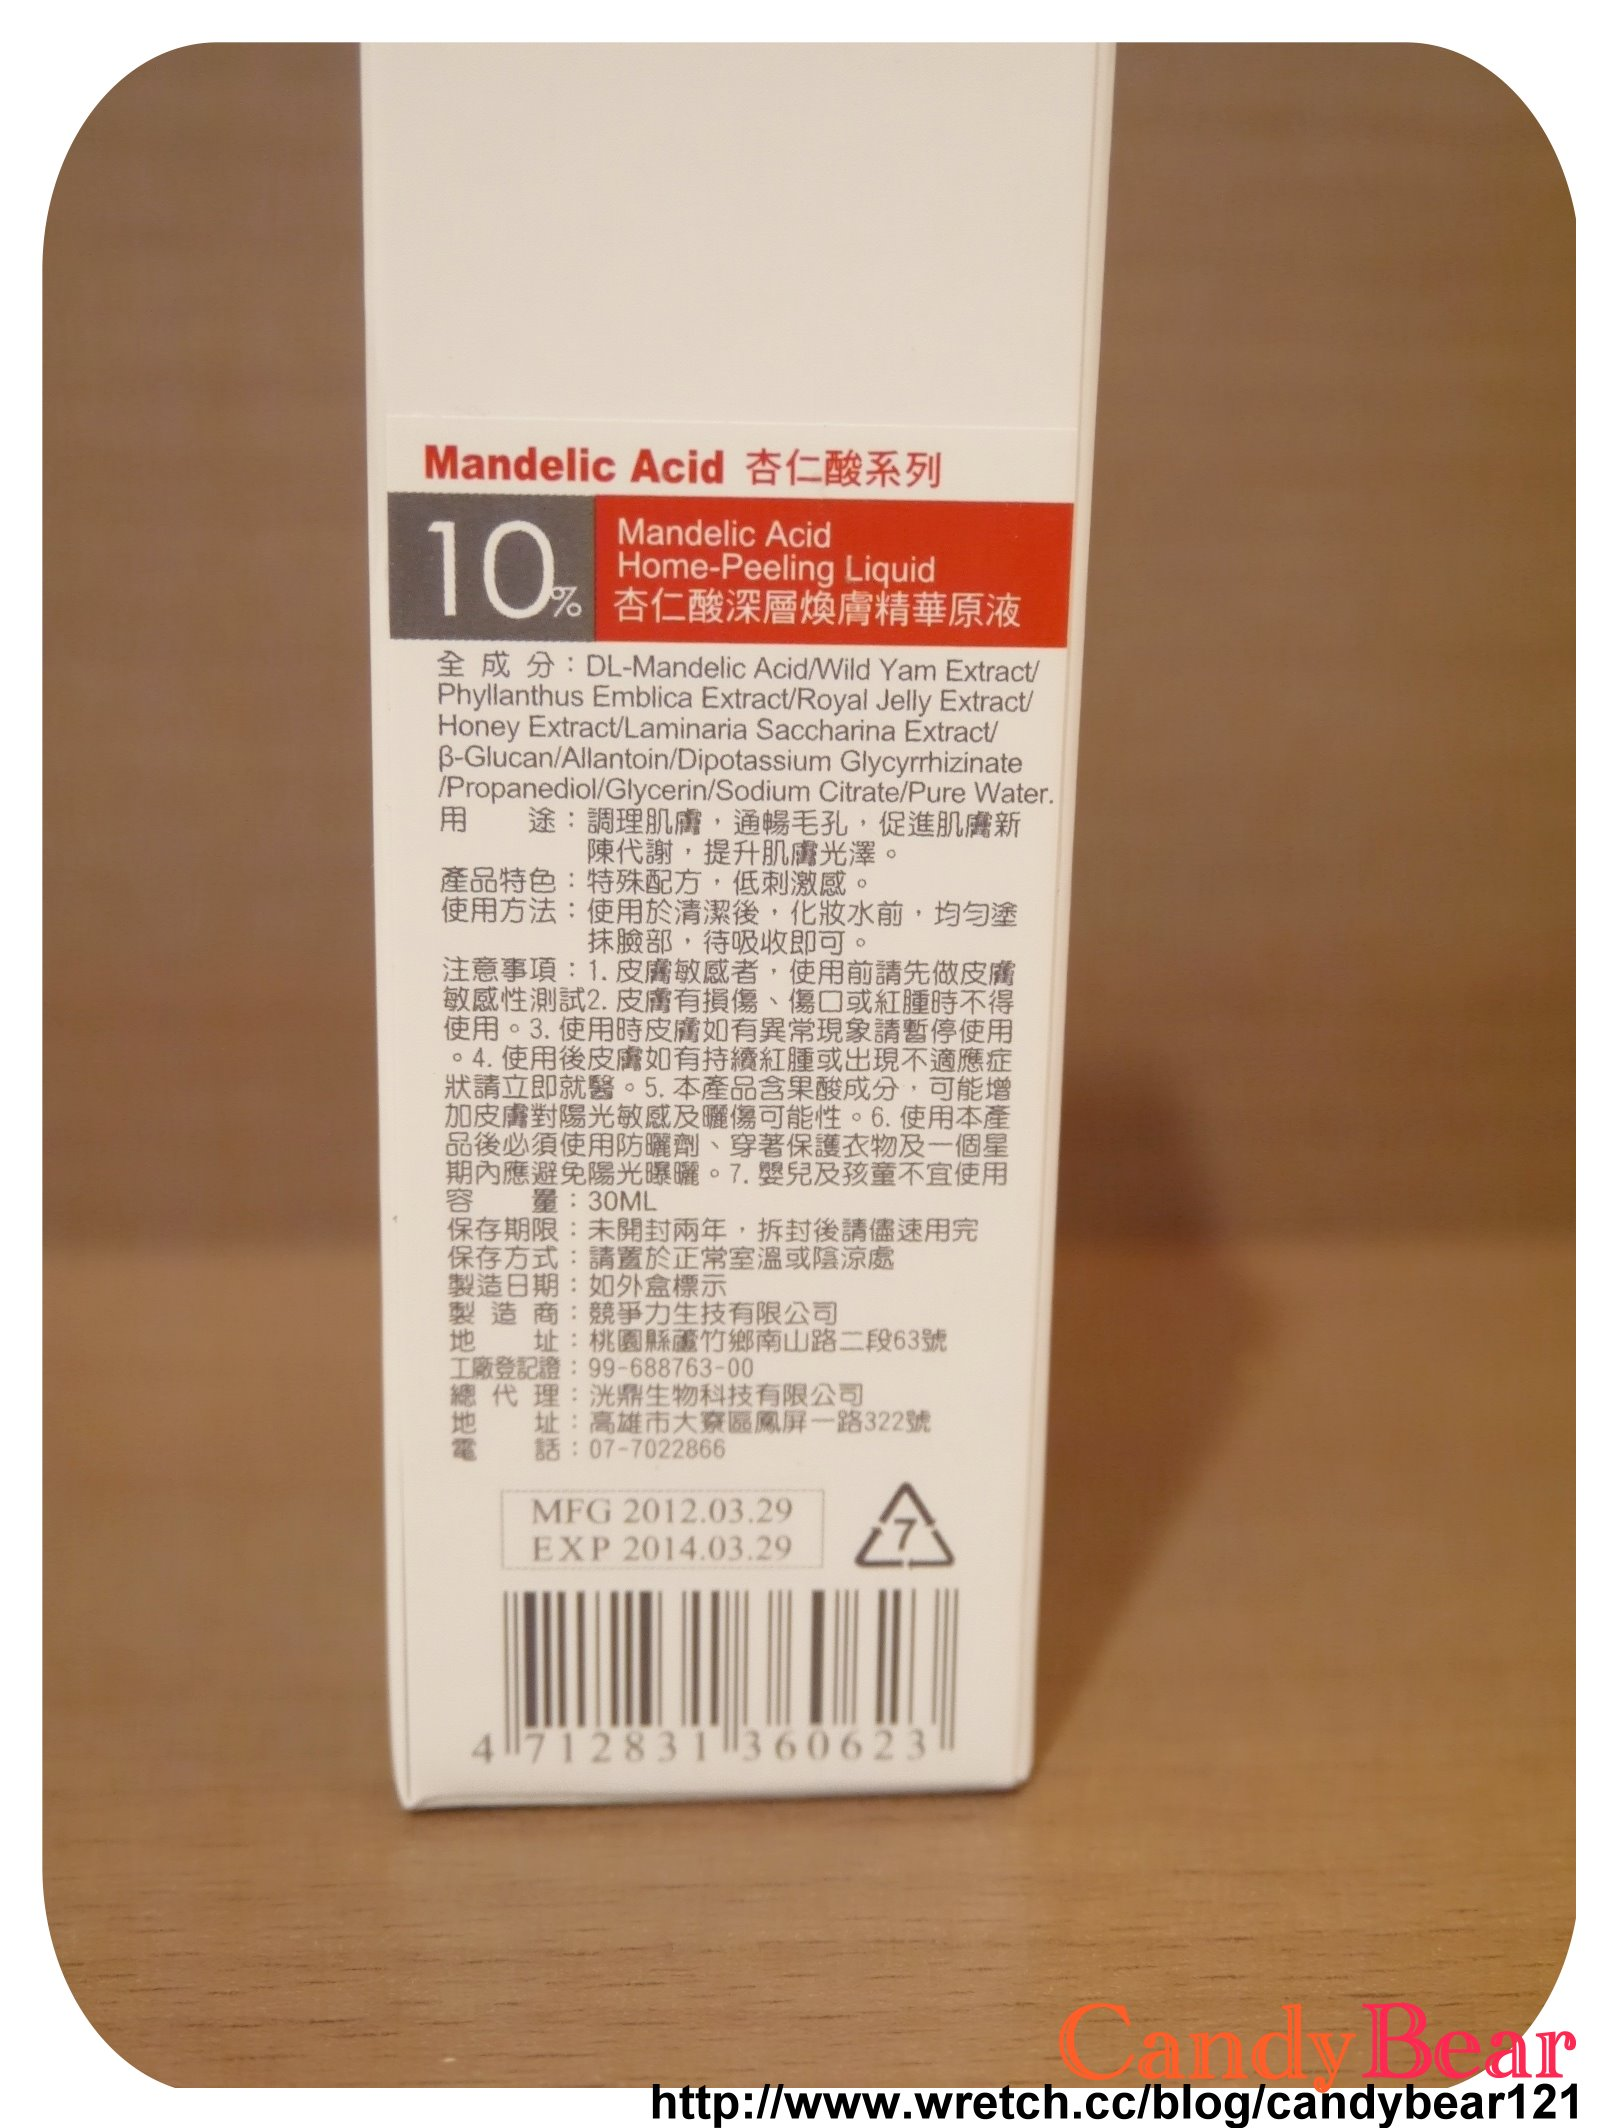 Dr.Hsieh-杏仁酸深層煥膚精華原液10%_瓶裝滴管設計